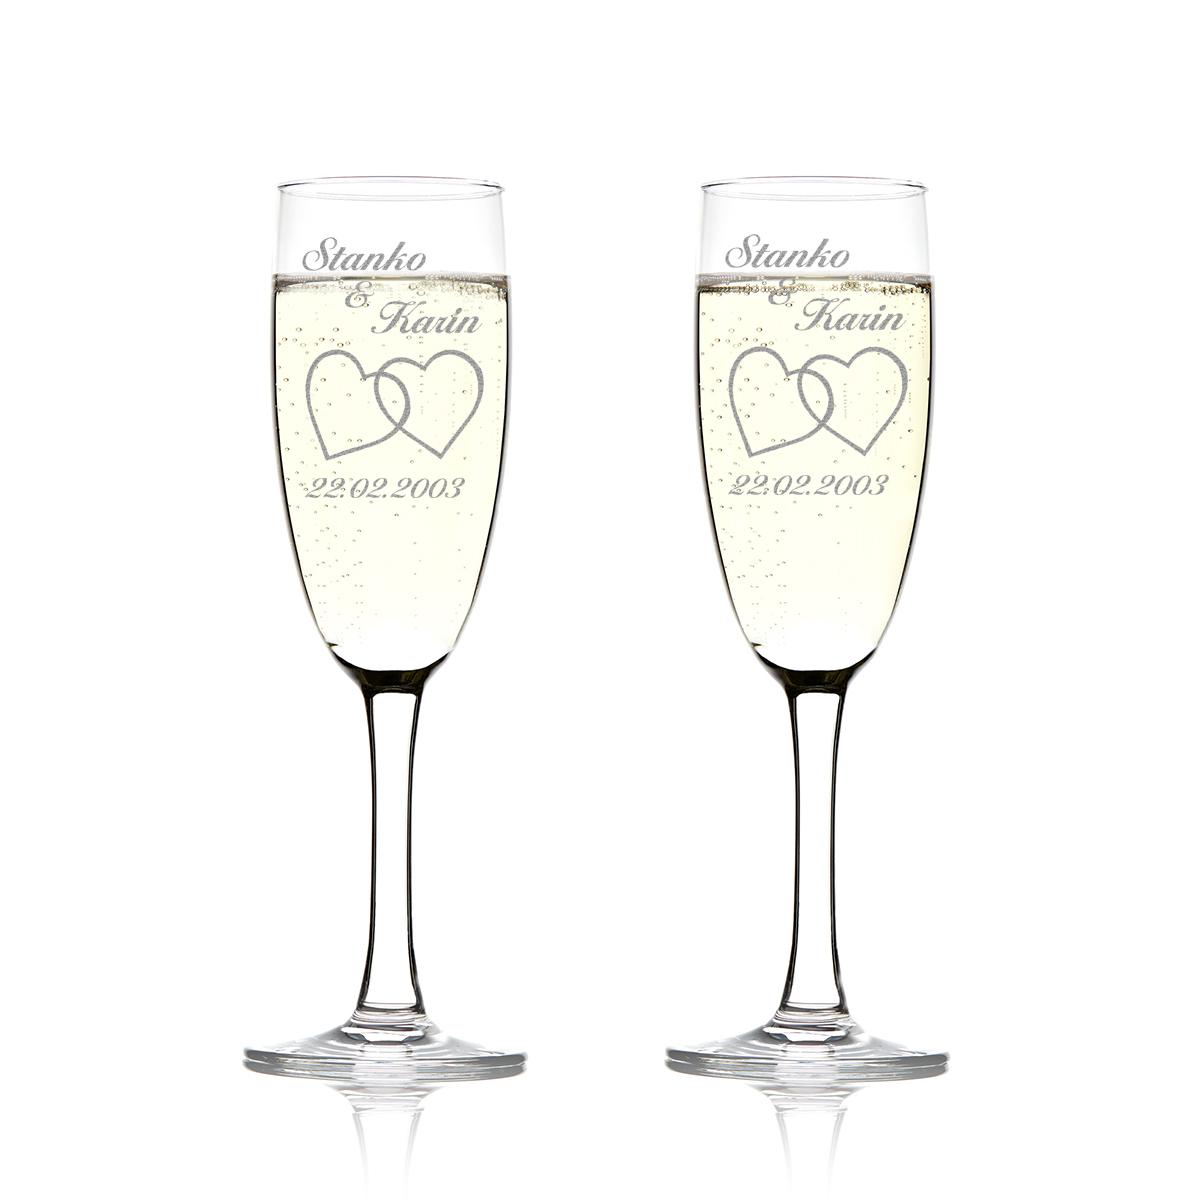 2 Set Sektgläser mit Gravur Personalisierter Hochzeit Geschenk | eBay